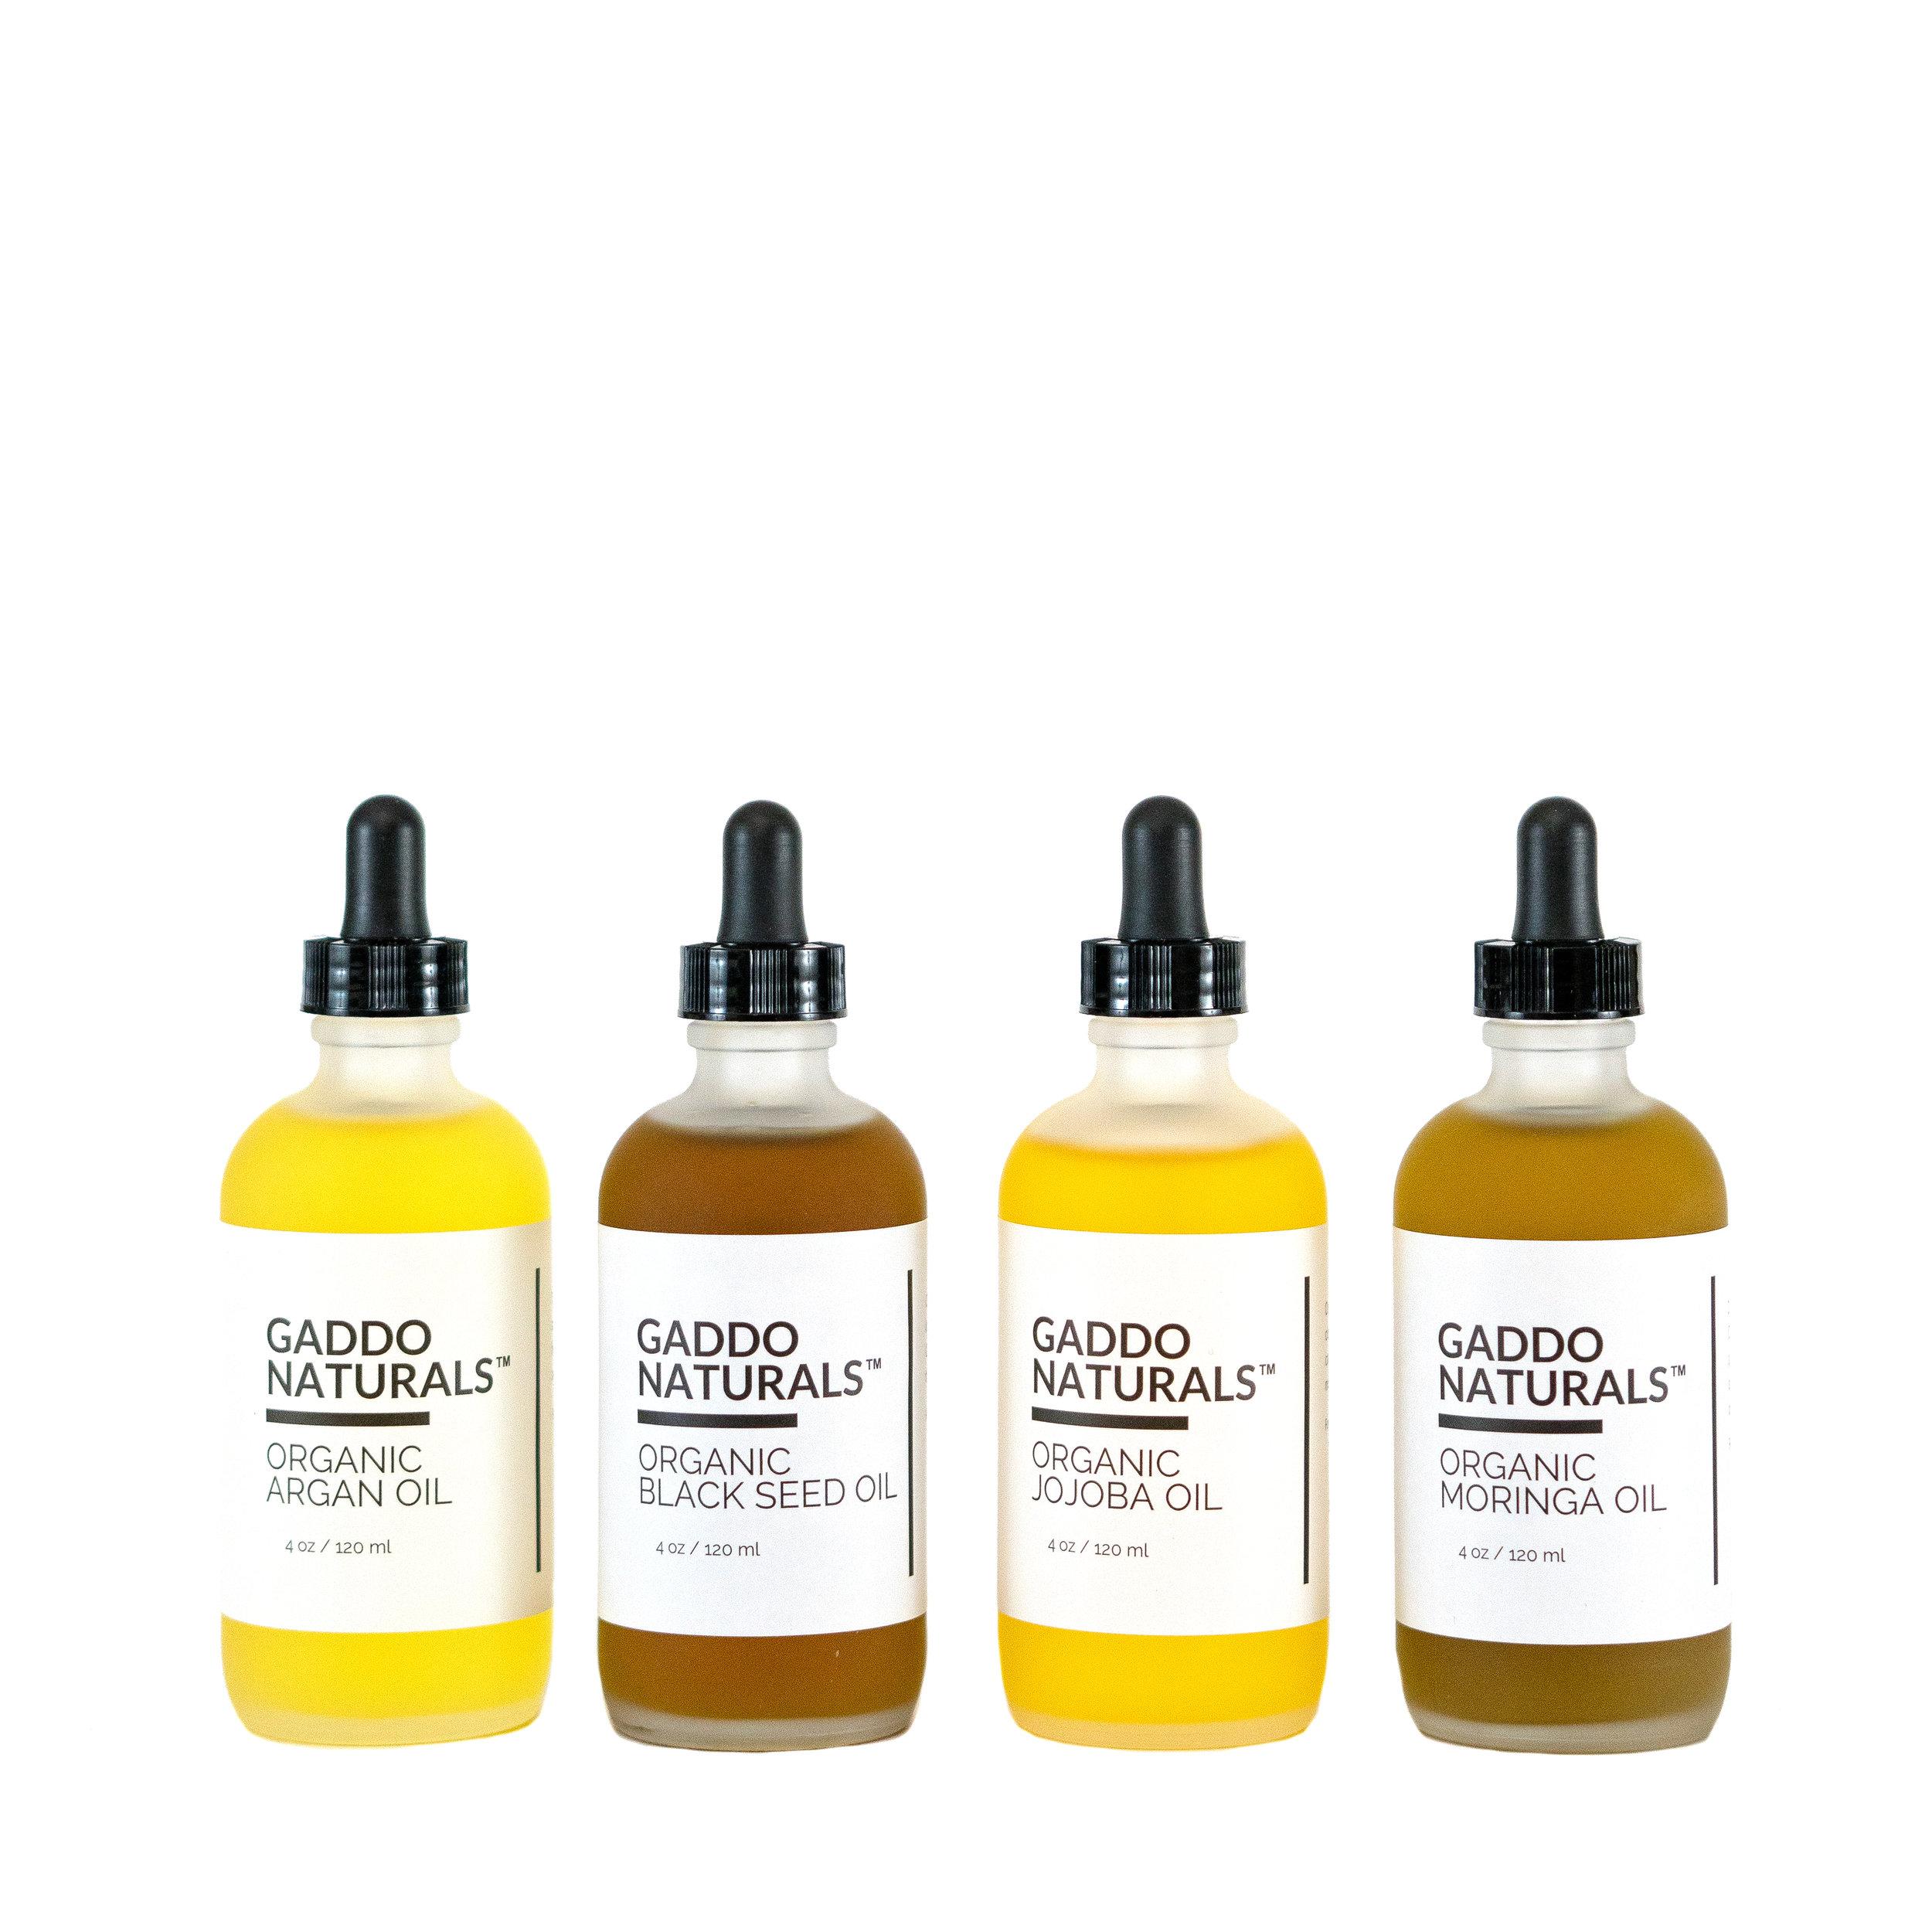 Gaddo Oils